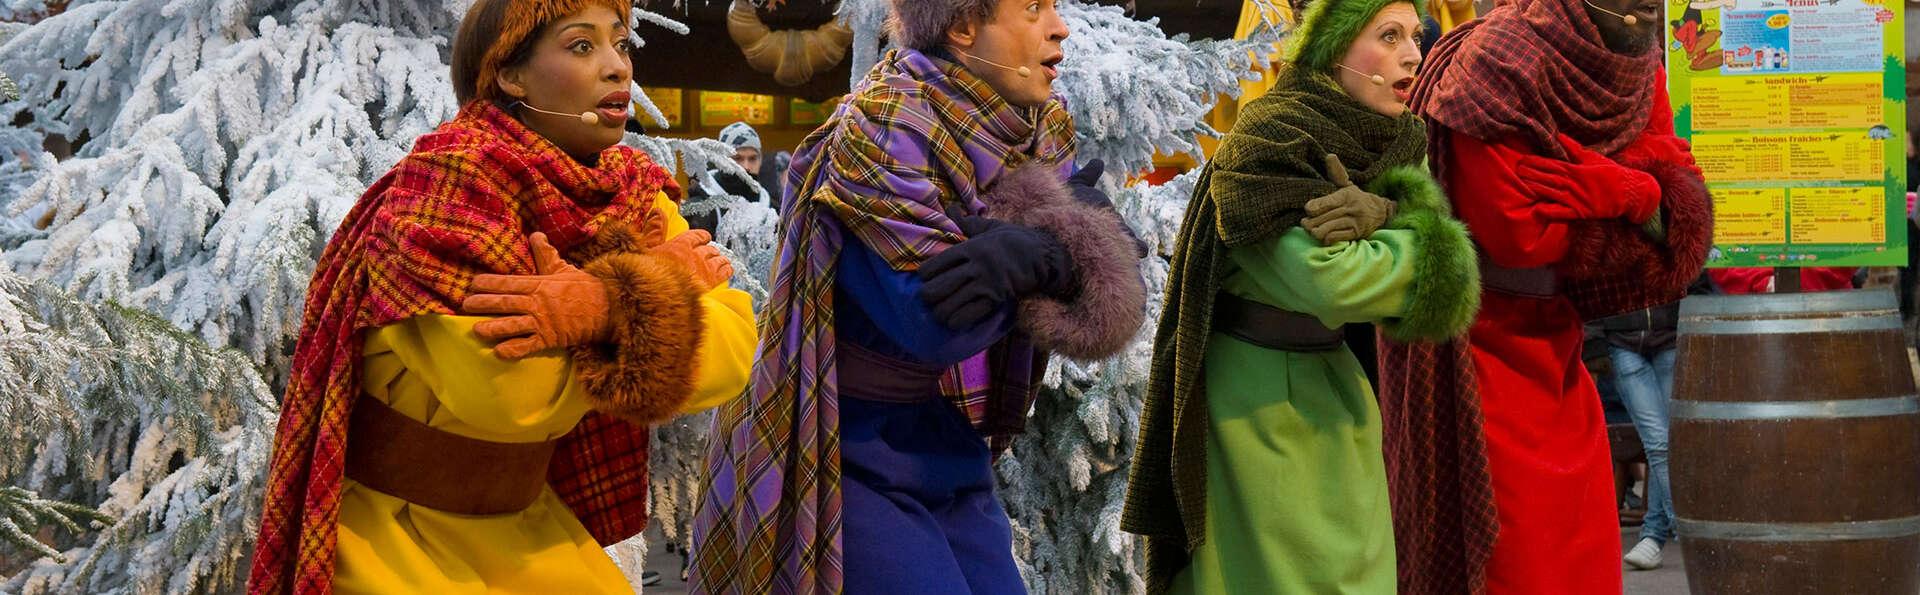 Expérience gauloise de fin d'année avec entrée au Parc Astérix